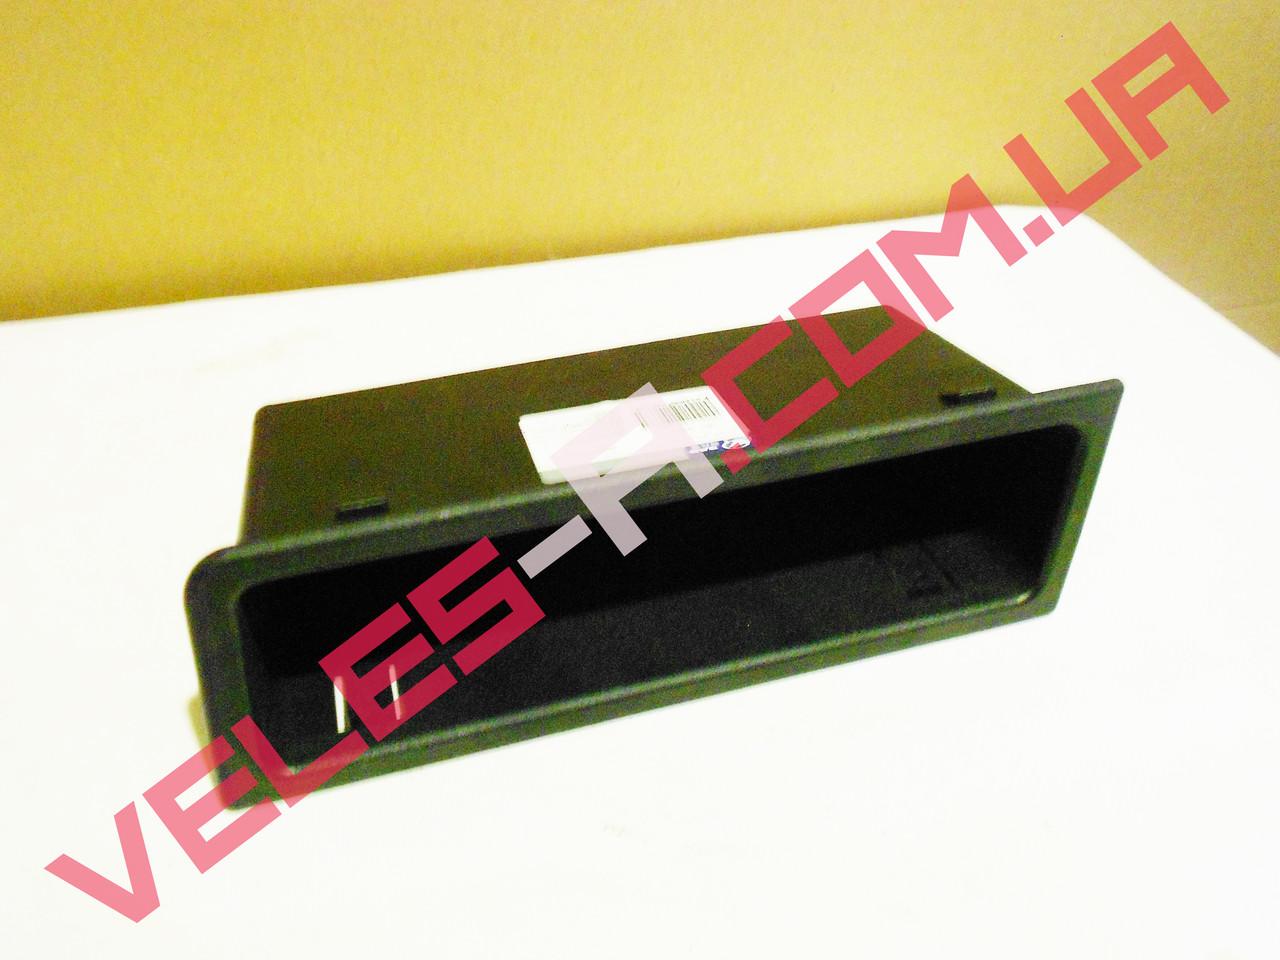 Перчаточный ящик Таврия, Славута, Заз 1102, 1103 короткий АвтоЗАЗ